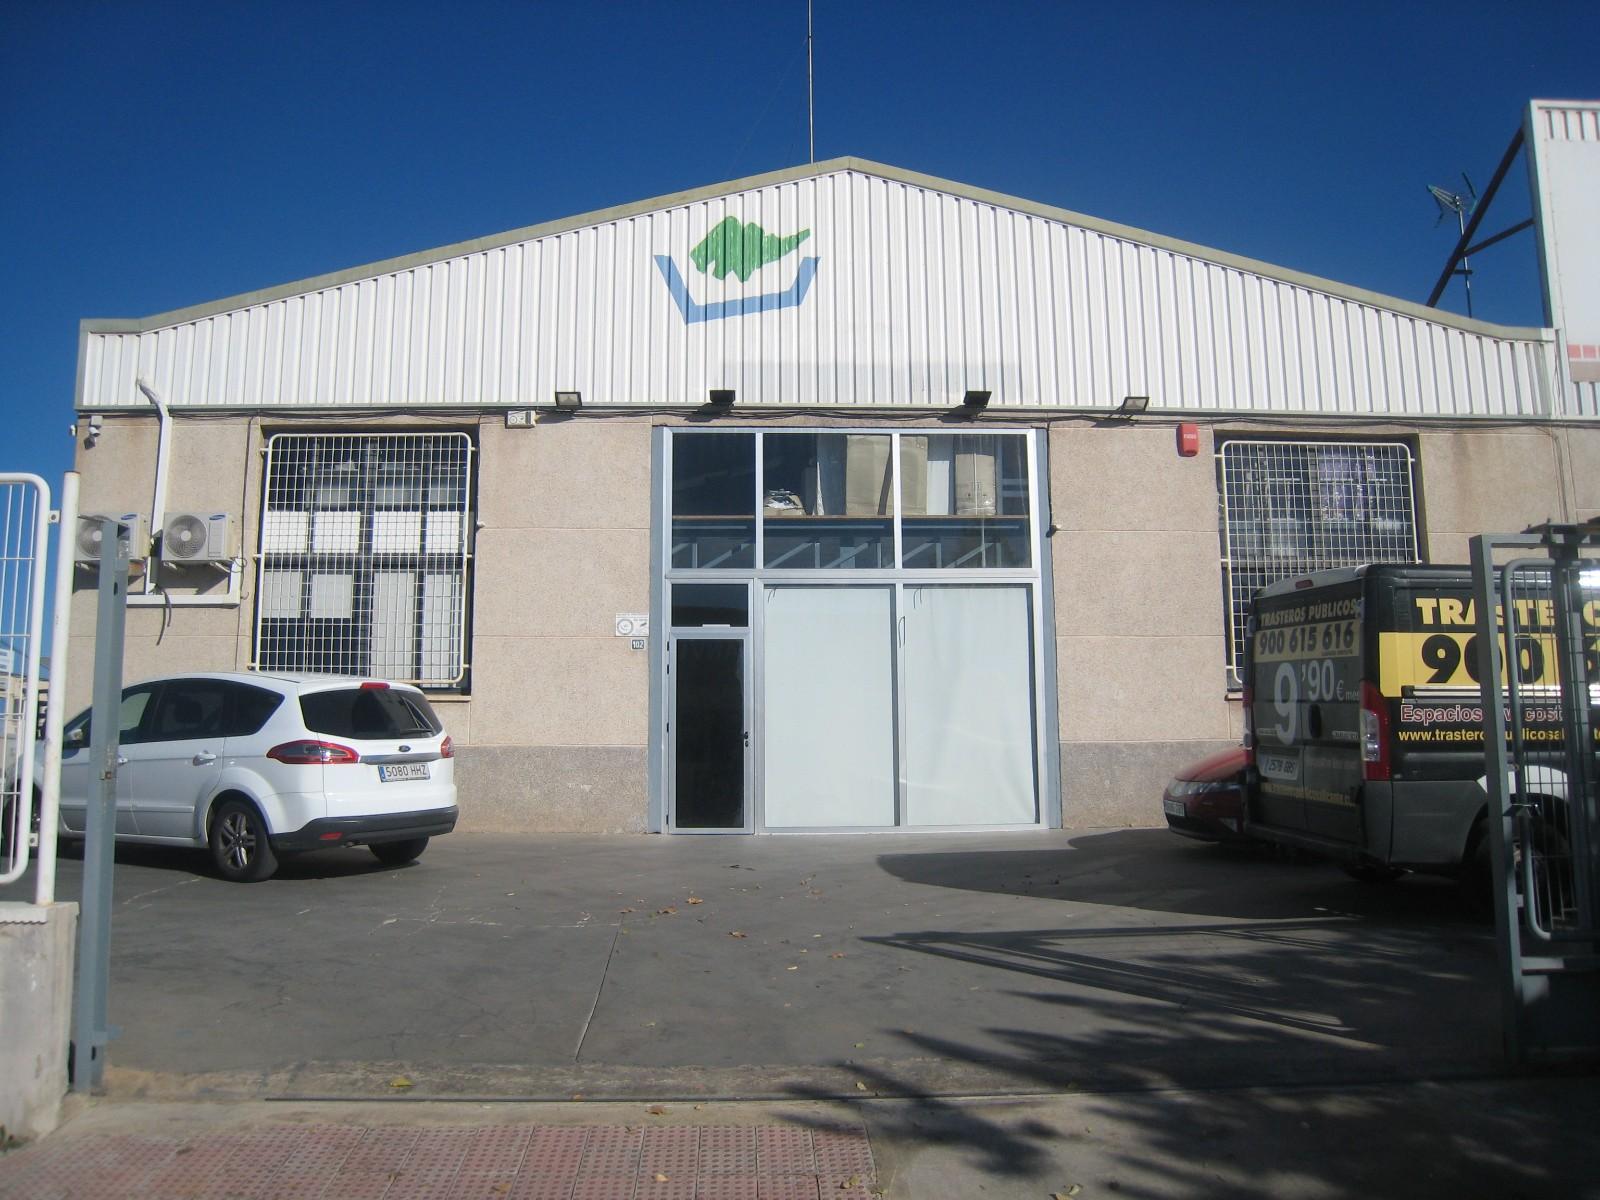 Affitto Capannone industriale  Canastell, san vicente del raspeig, alicante. Estupenda nave de 532 m2, con patio de 515 m2,sobre parcela de 1